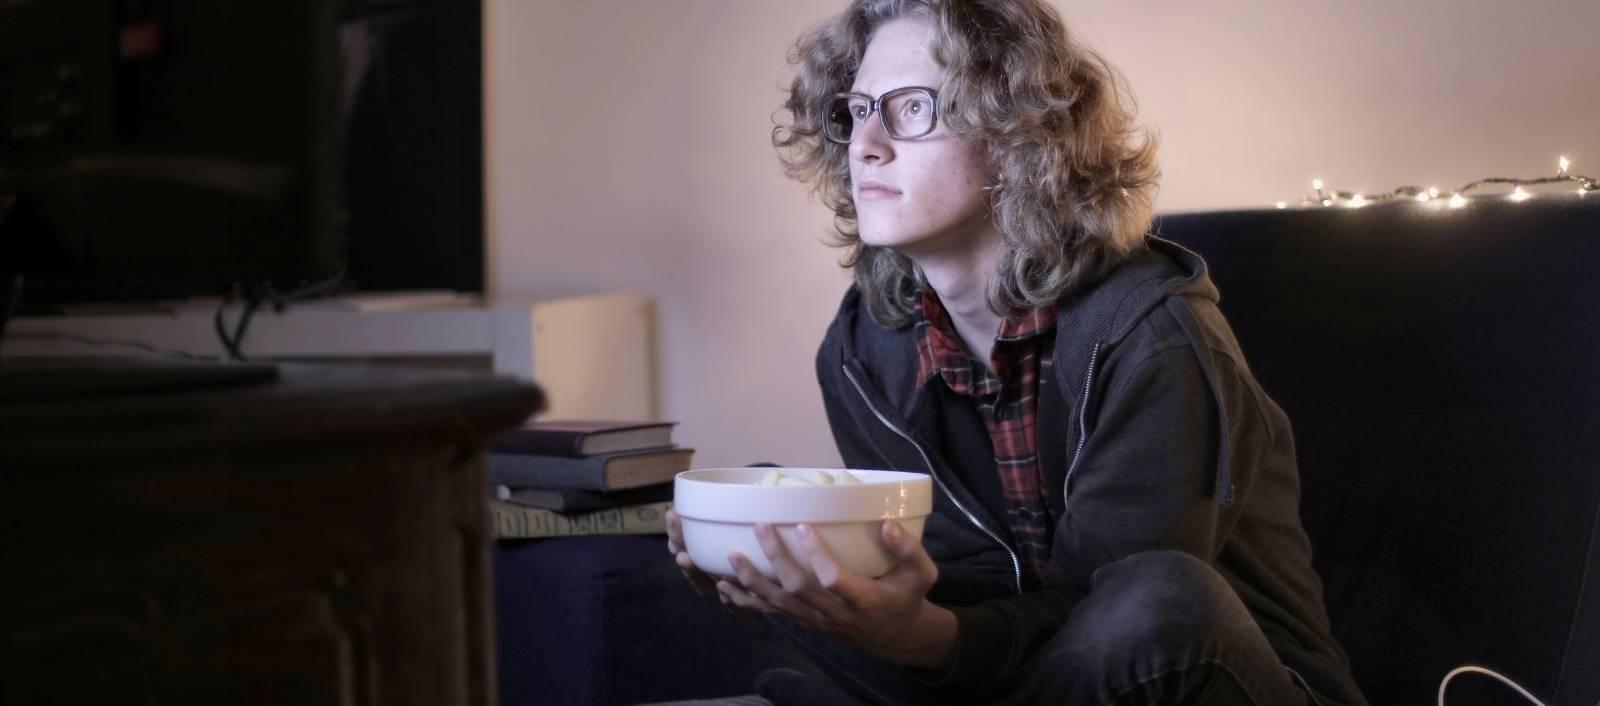 Mies katsoo elokuvaa